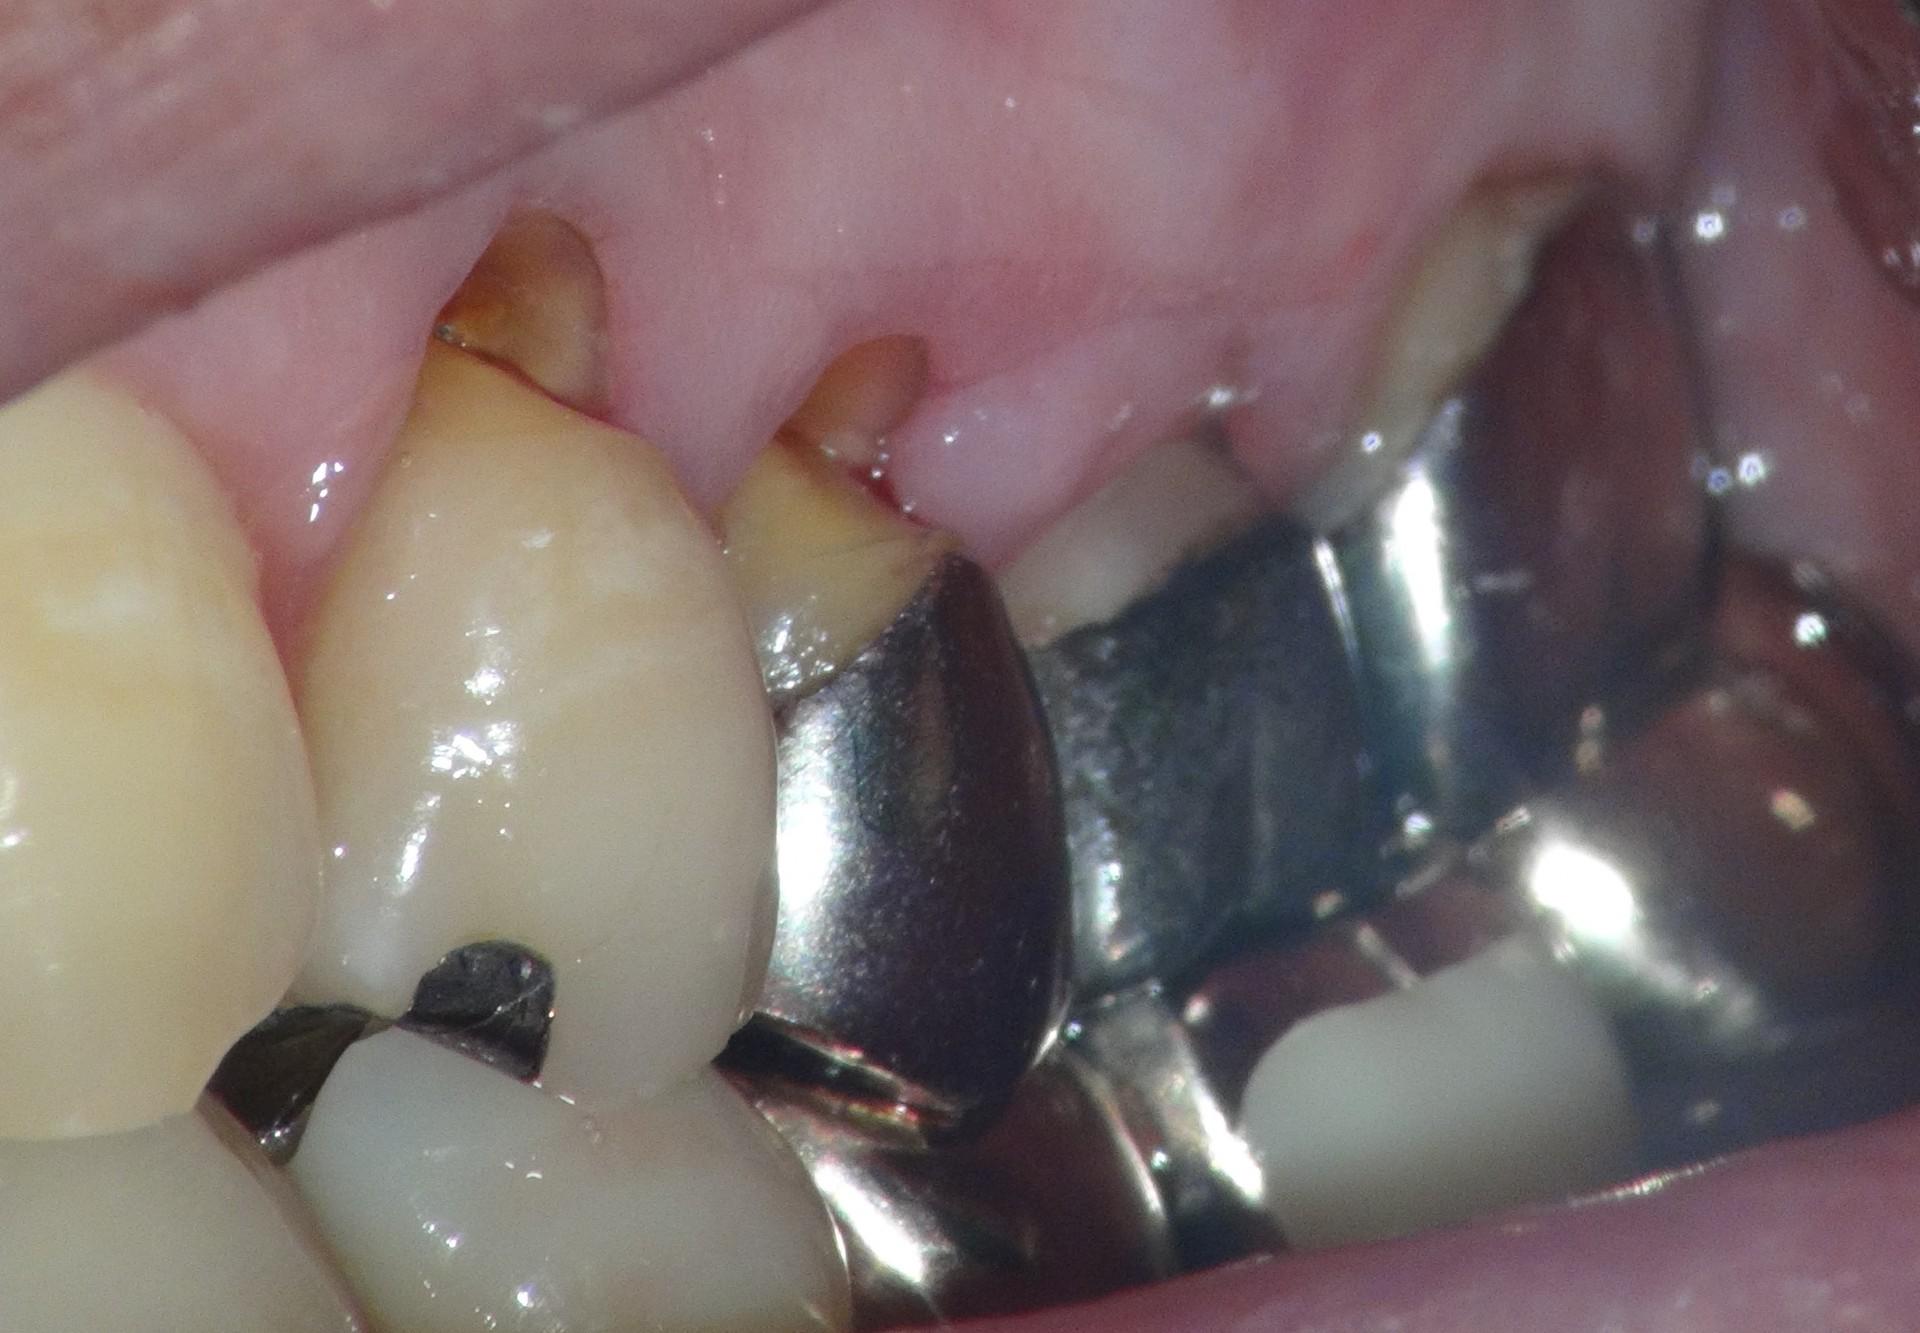 銀歯の下が虫歯になる原因と虫歯のセルフチェック法 | 歯科 ...